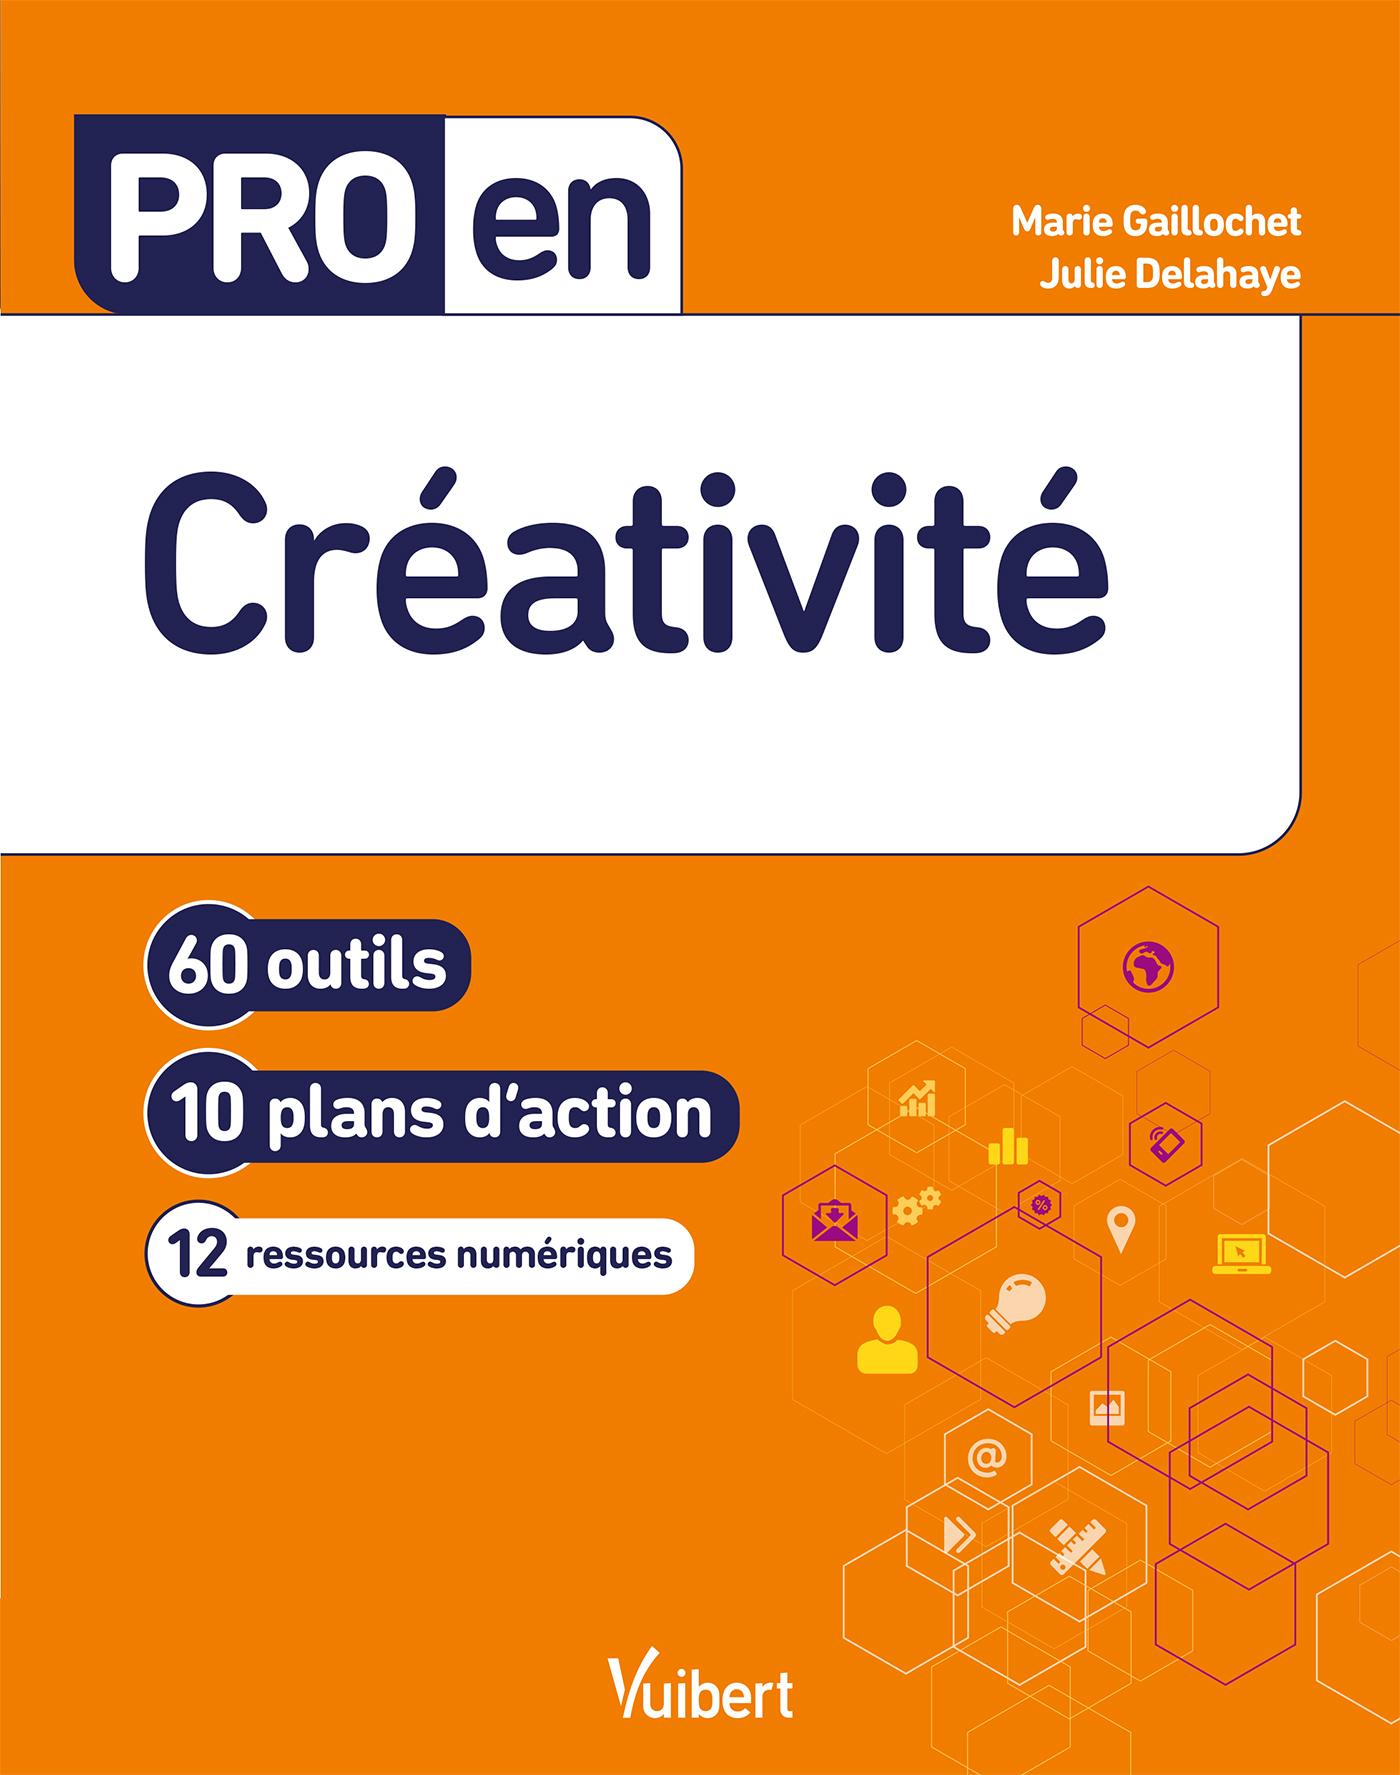 Pro en Créativité | Gaillochet, Marie. Auteur